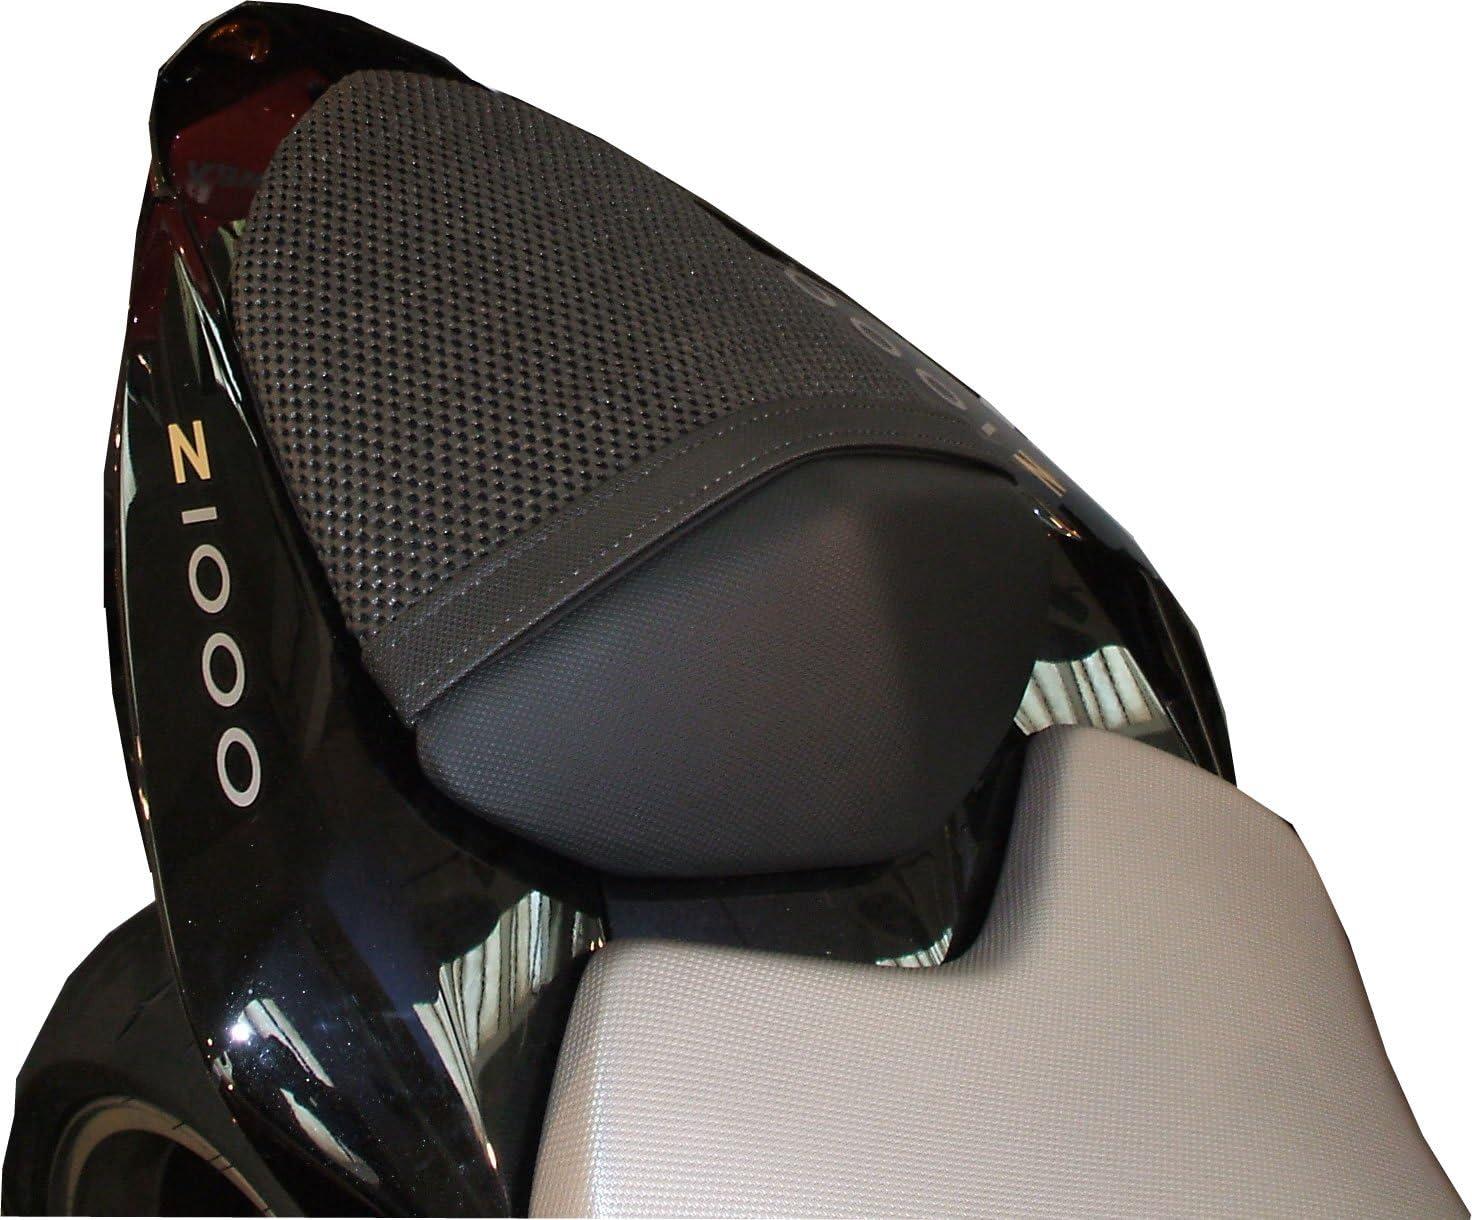 CviAn in Fibra di Carbonio Adesivo Decorativo per pomello del Cambio per BMW E90 E92 E93 E87 Serie 3 2005-2012